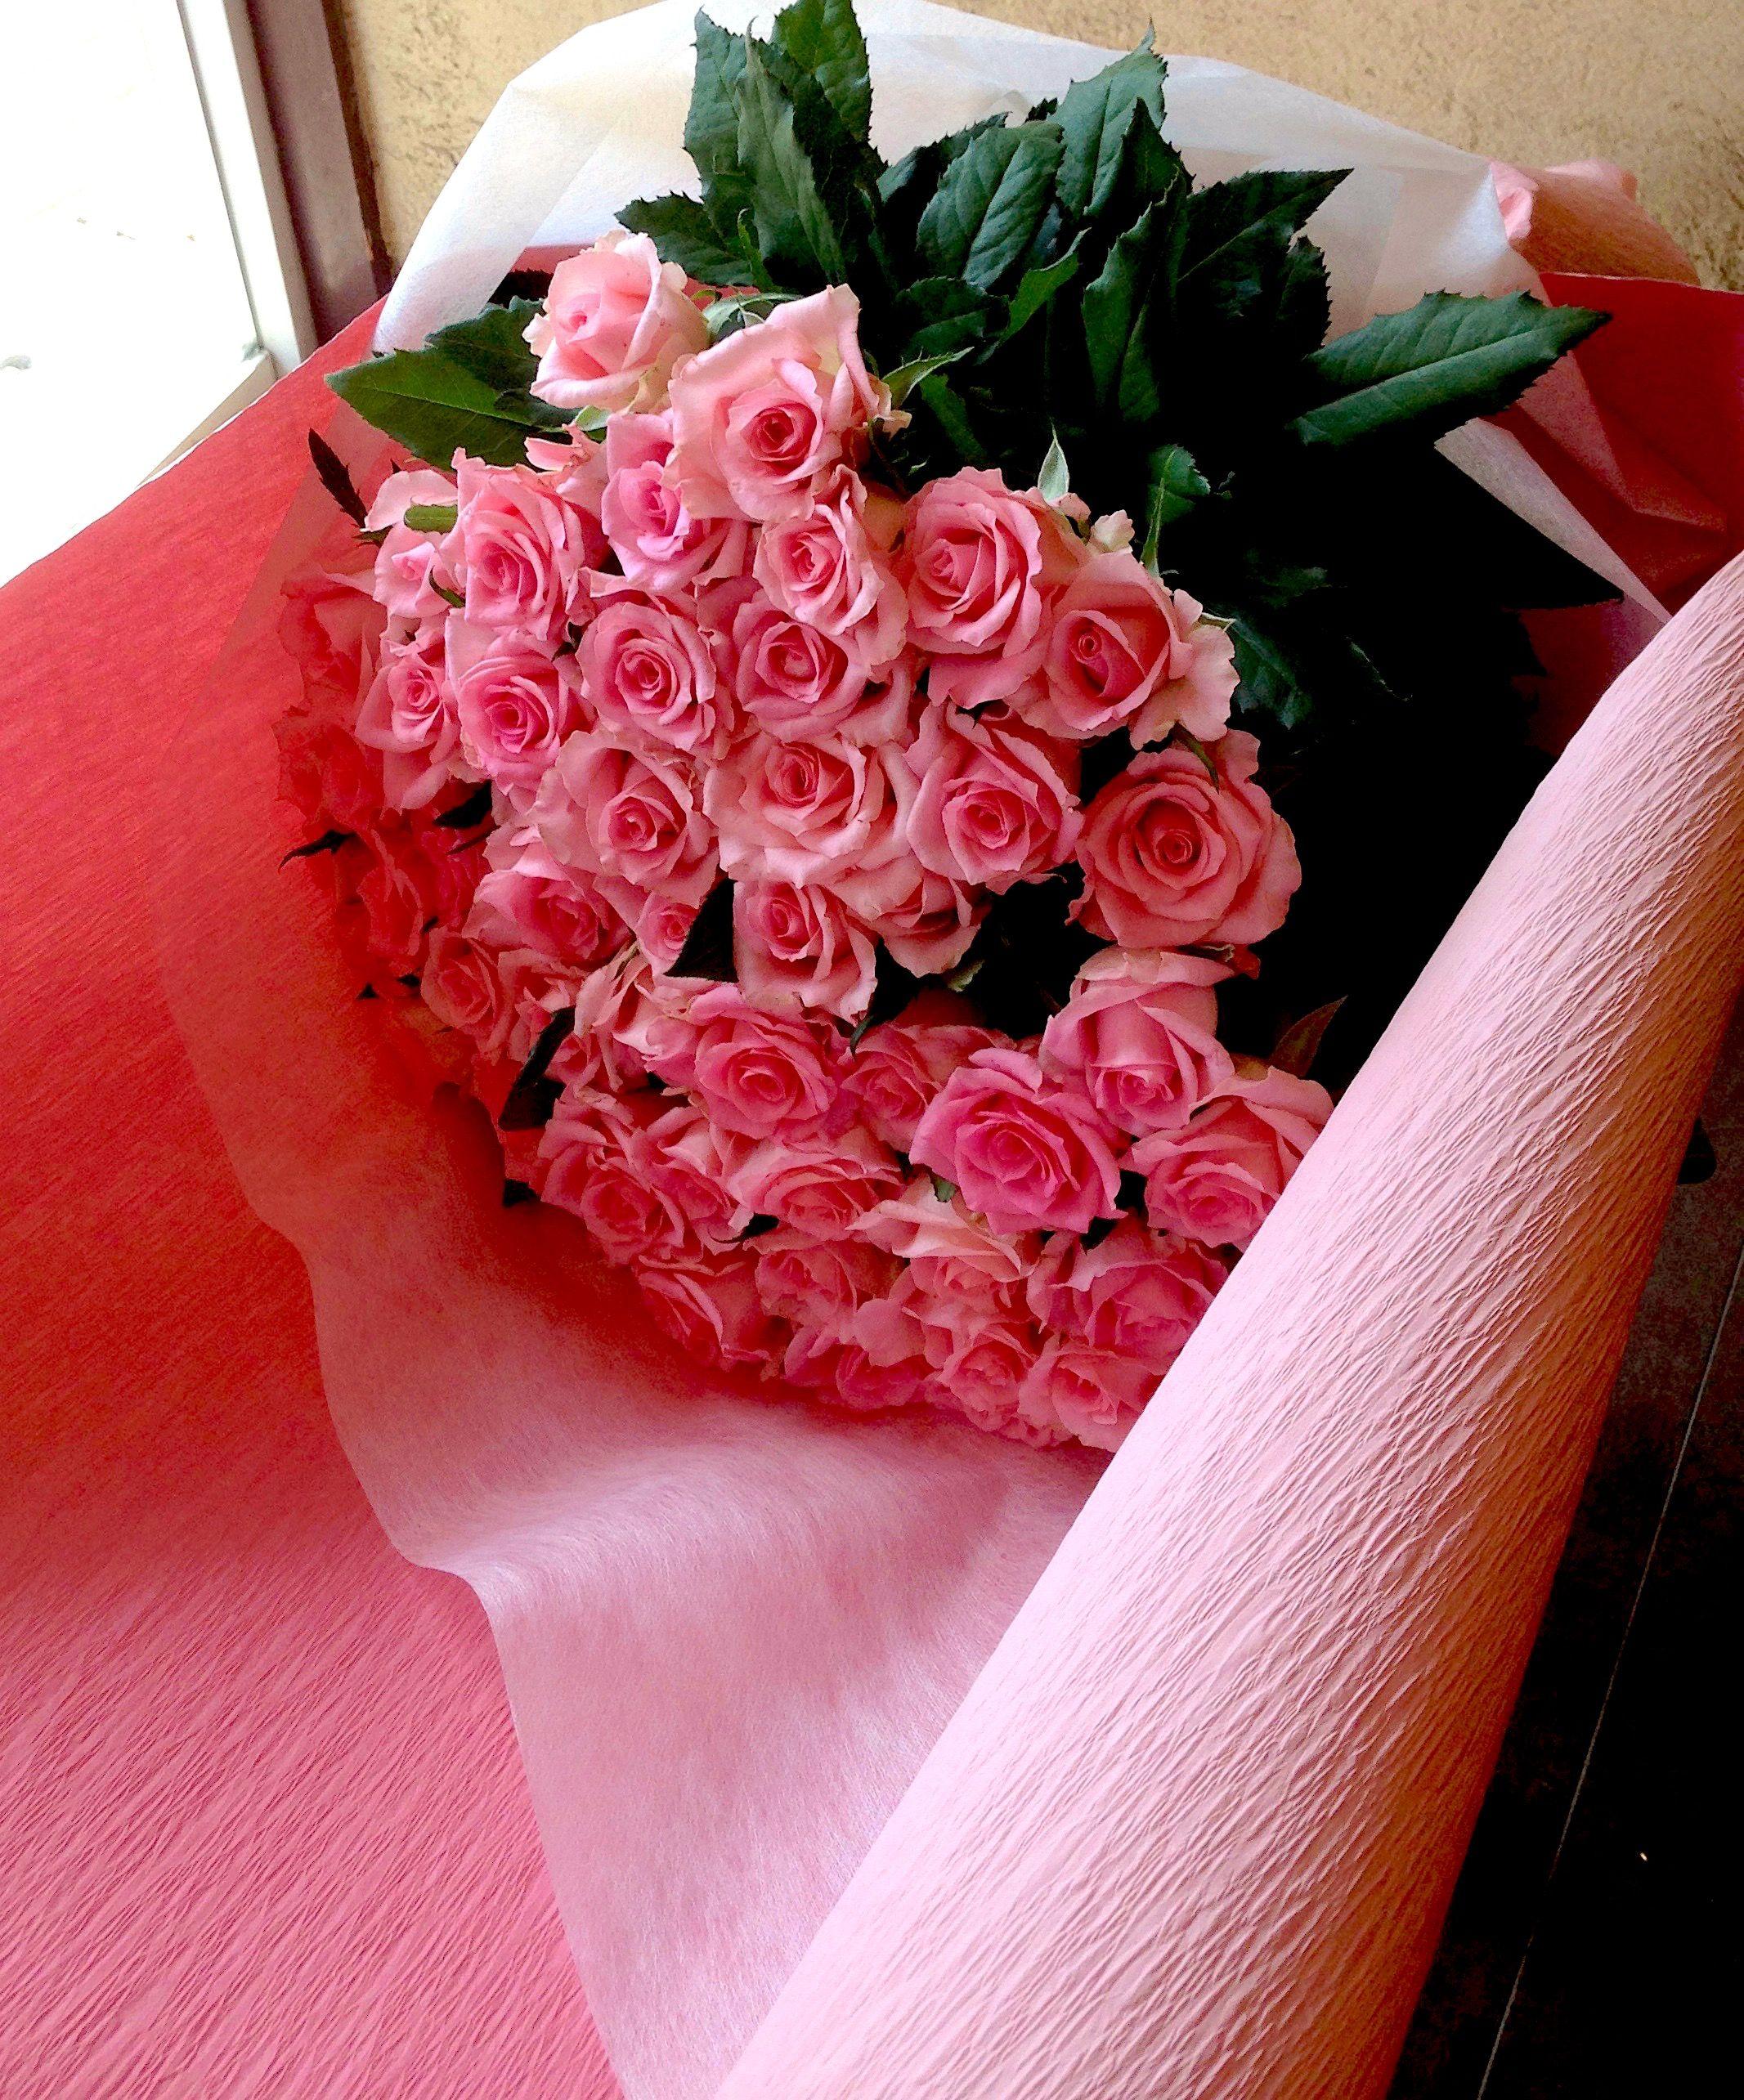 【プロポーズ「幸福」と「愛の誓い」を意味するピンクのバラの花束】